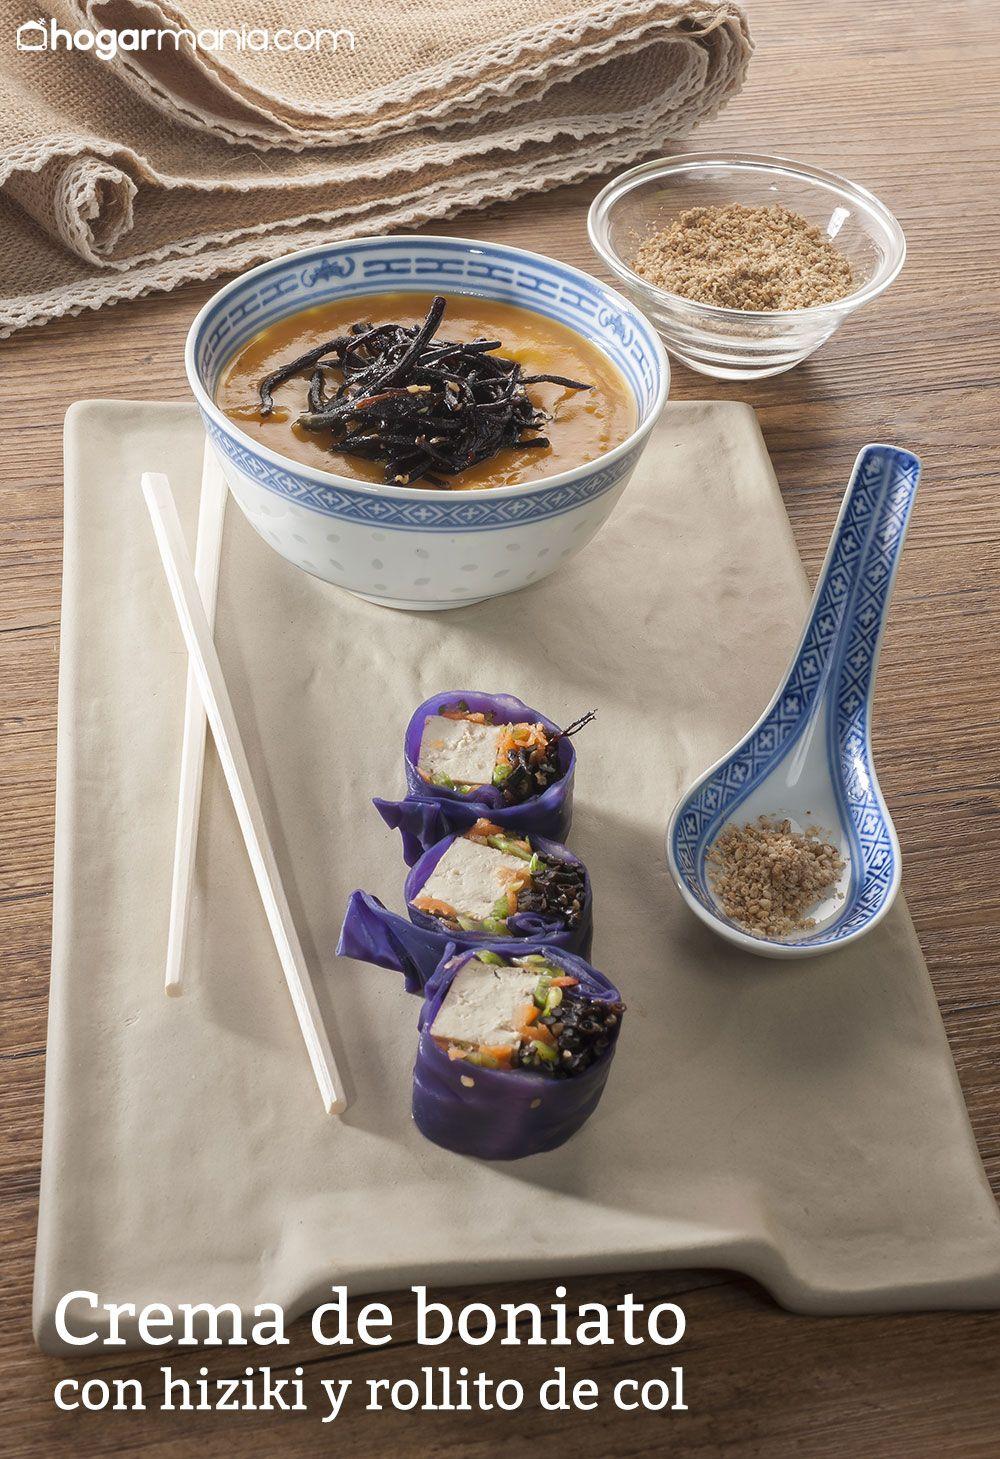 crema de boniato con hiziki y rollito de col